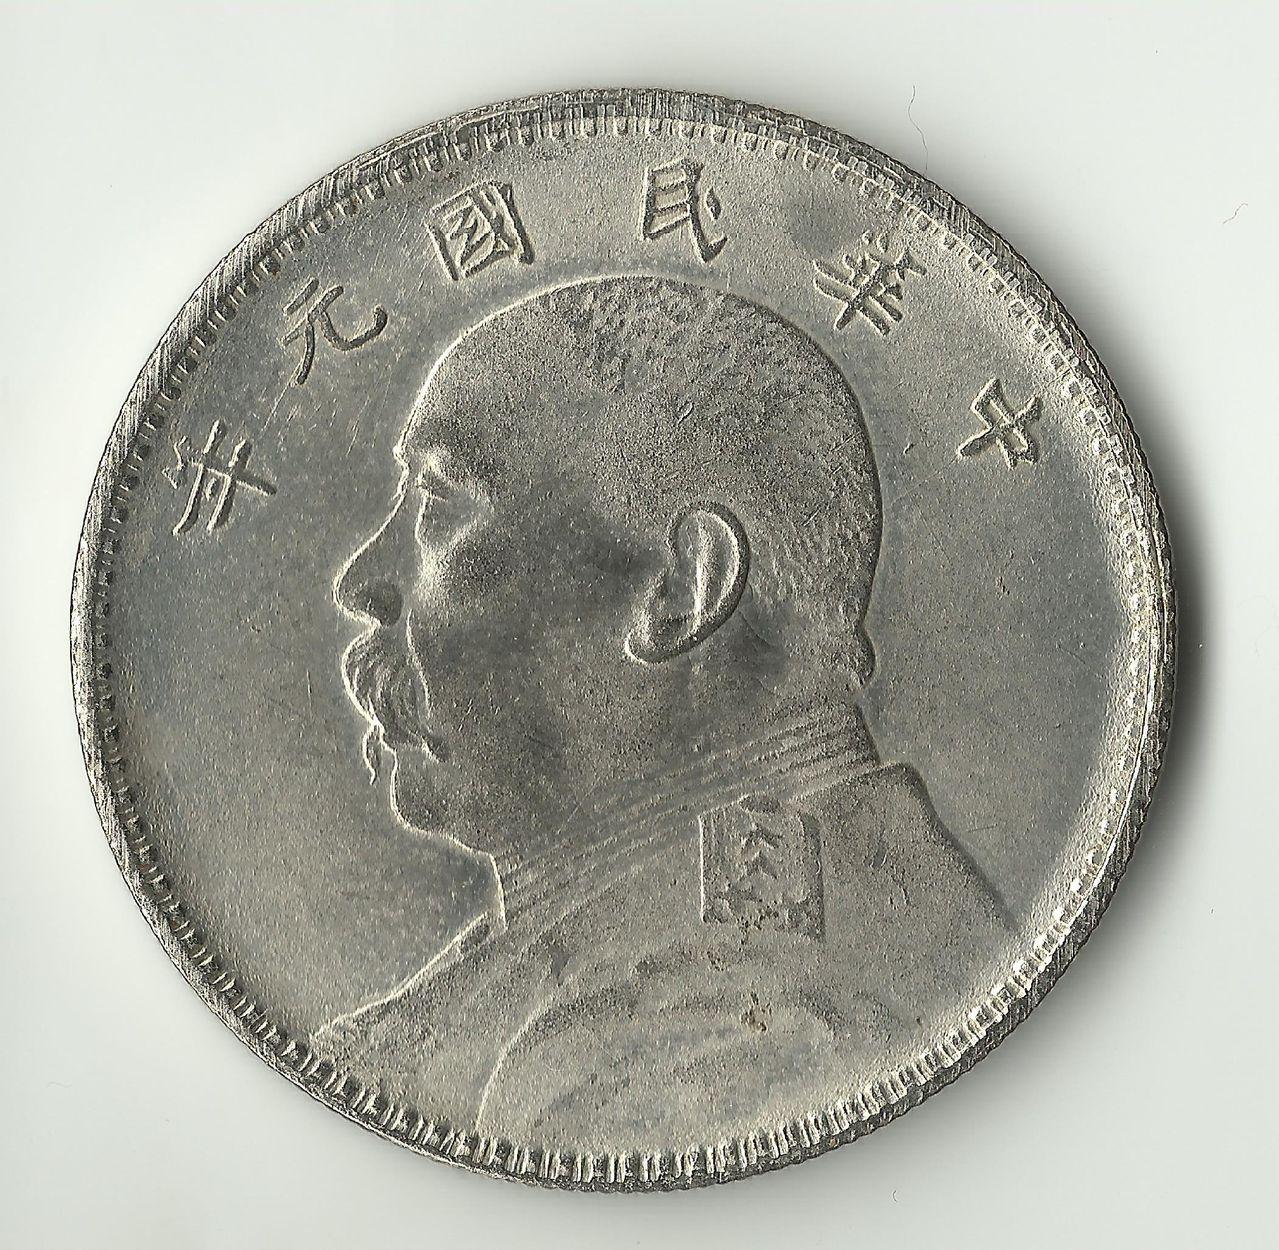 IDENTIFICAR MONEDA CHINA Moneda_china_2